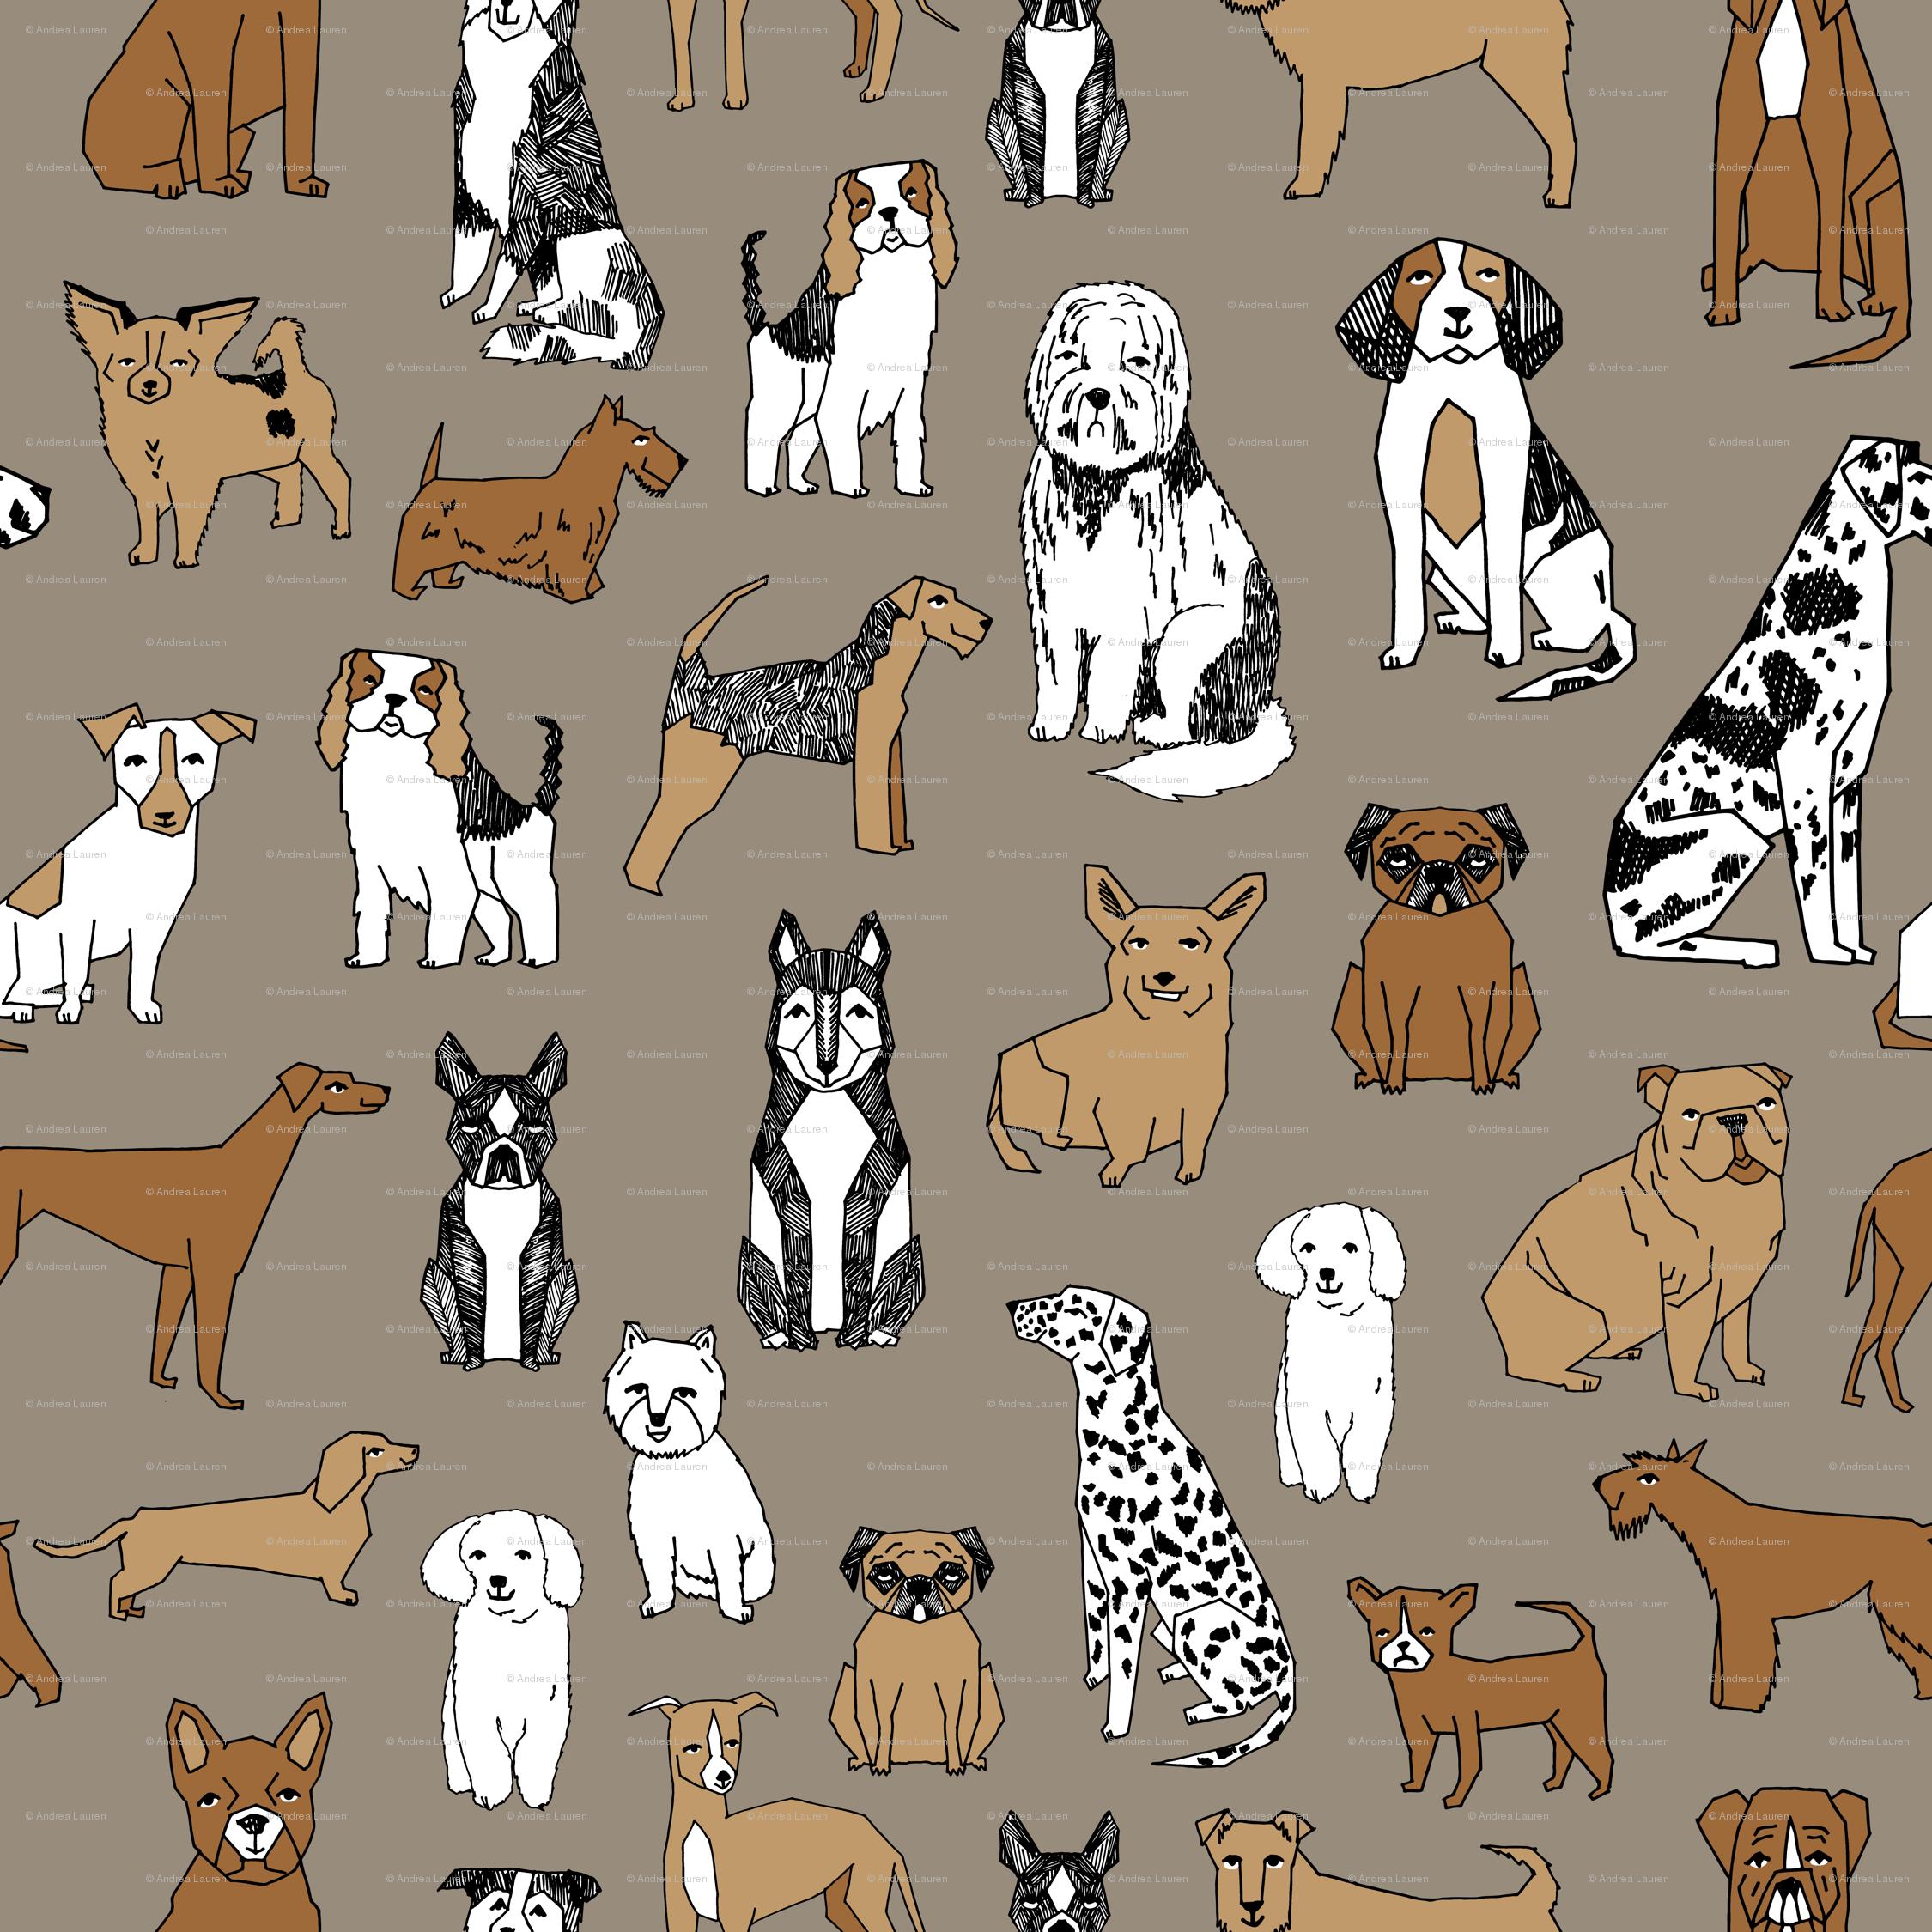 Dog Print Wallpaper Impressive Of Design Dog Prints Wallpaper Images